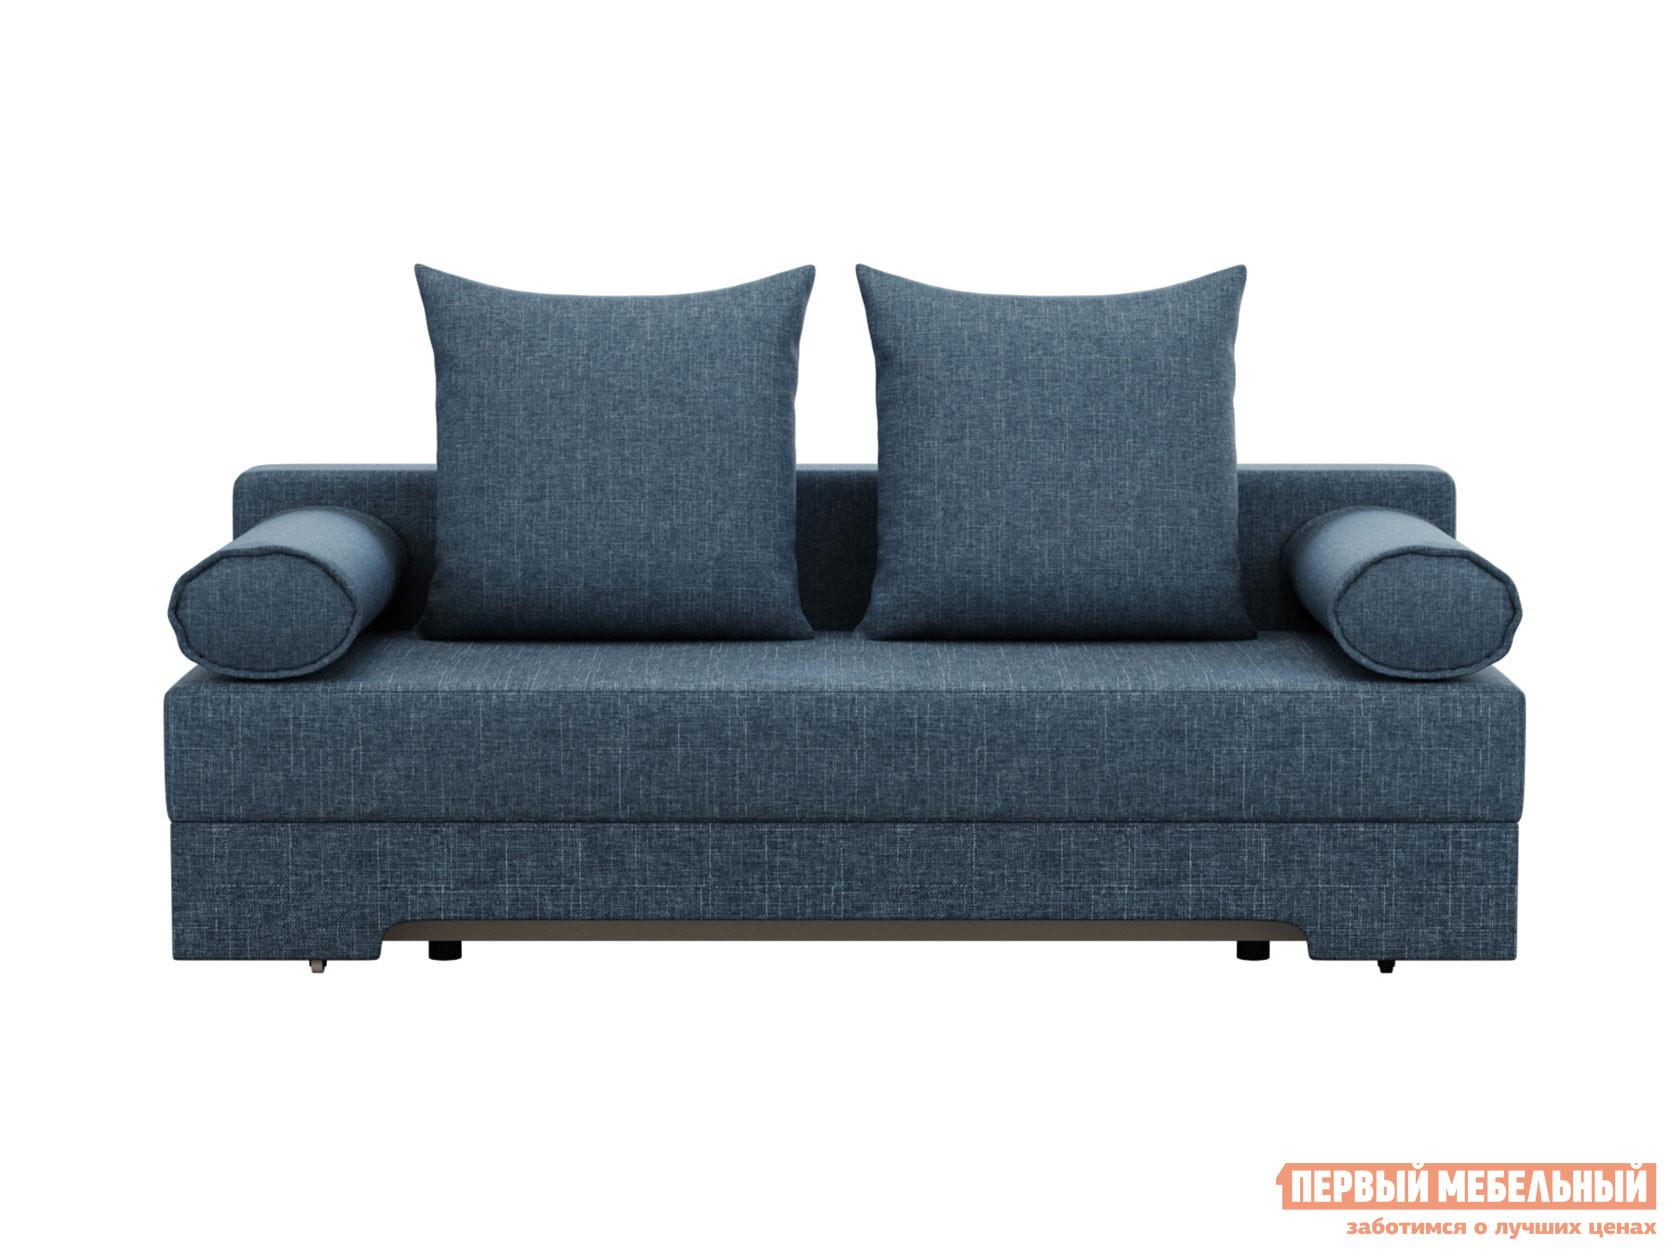 Прямой диван  Челси Синий, рогожка Мягкая Линия 130888